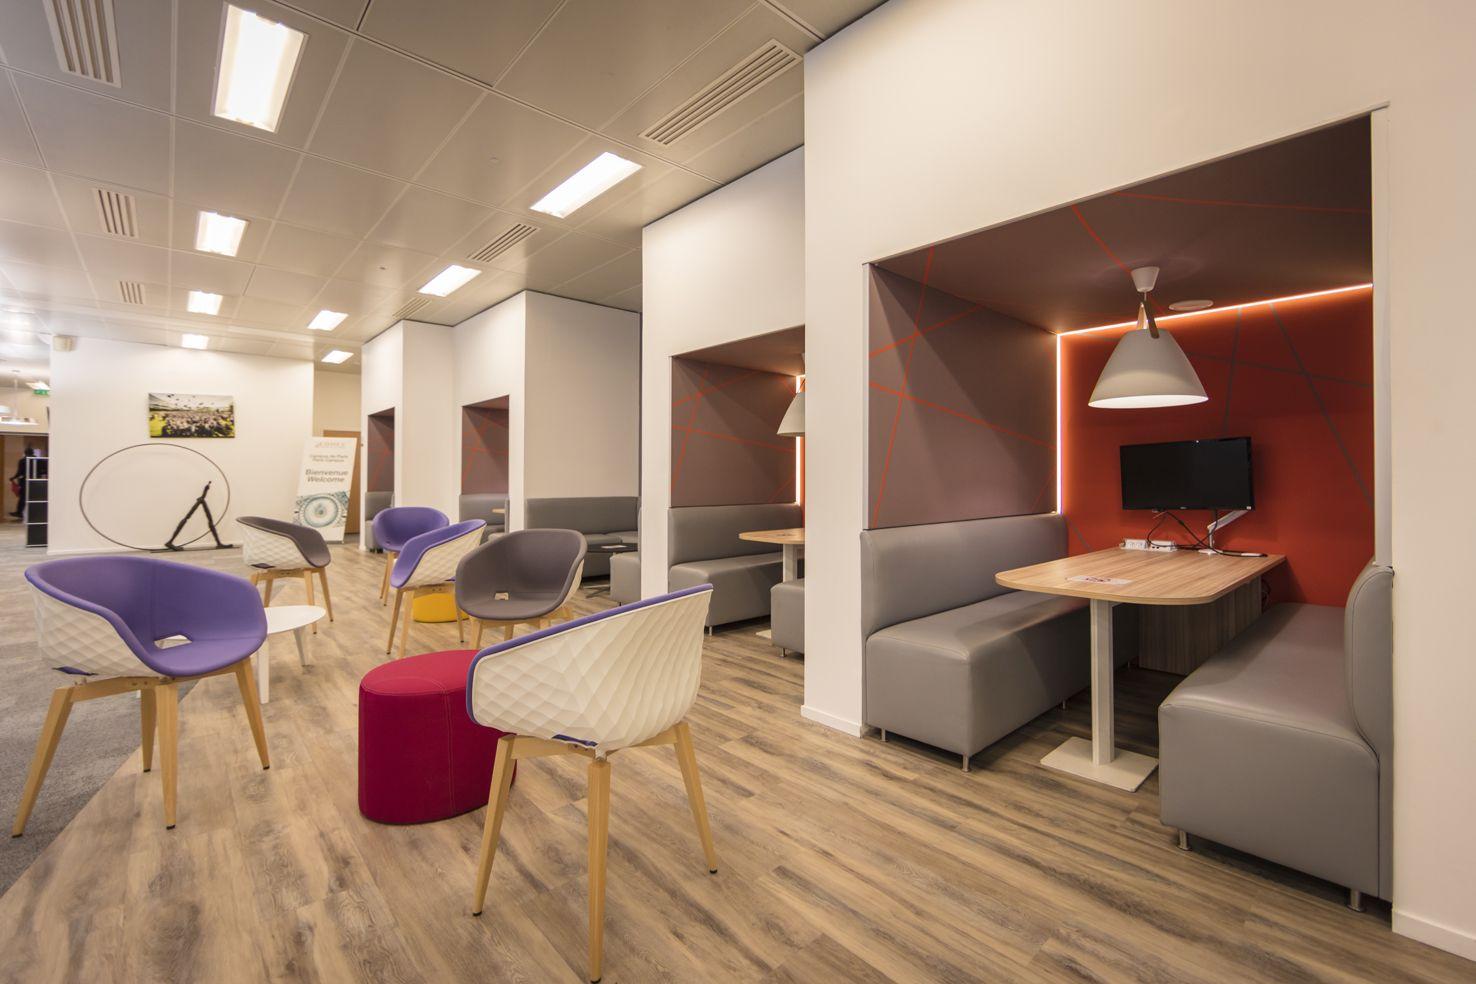 Realisation Edhec Business School Paris En Collaboration Avec Famo Fauteuils Unika Et Box Sur Mesure Avec Images Mobilier Bureau Bureau Contemporain Mobilier